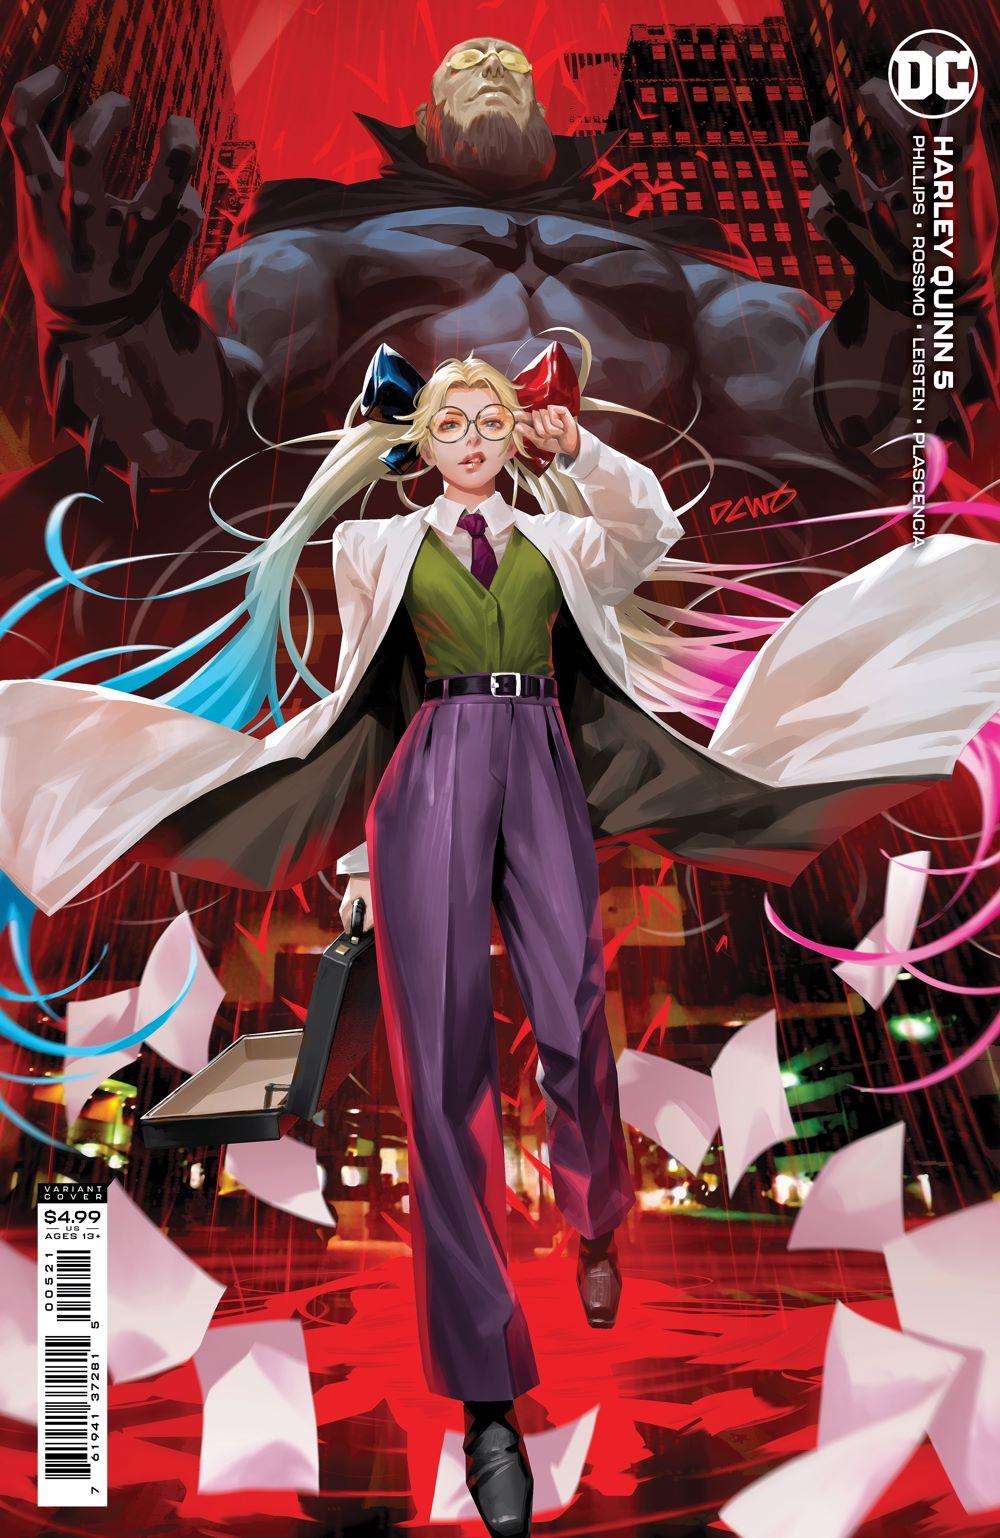 HQ_Cv5_var DC Comics July 2021 Solicitations